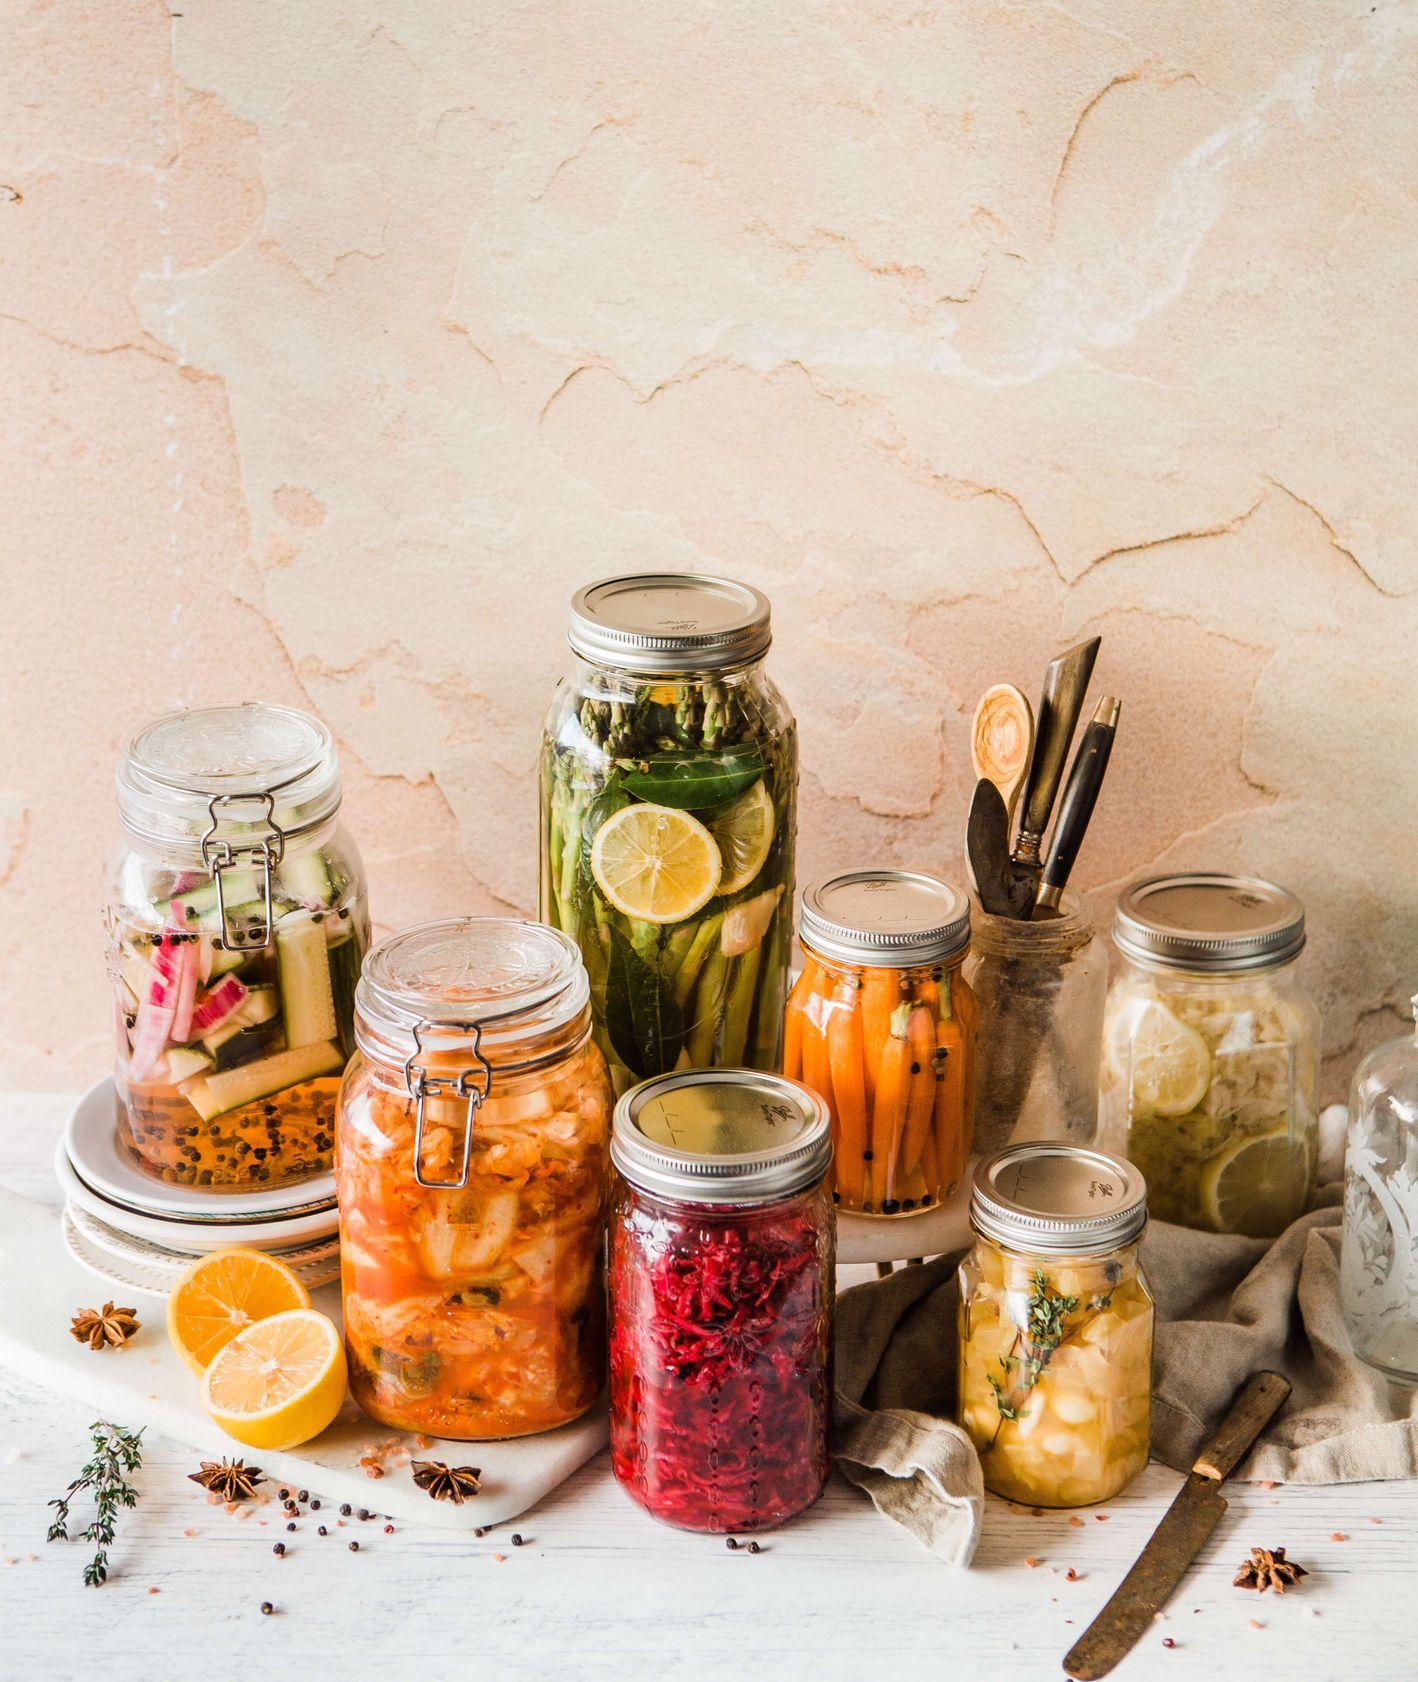 Różne kiszone warzywa w słoikach (fot. Brooke Lark / unsplash.com)